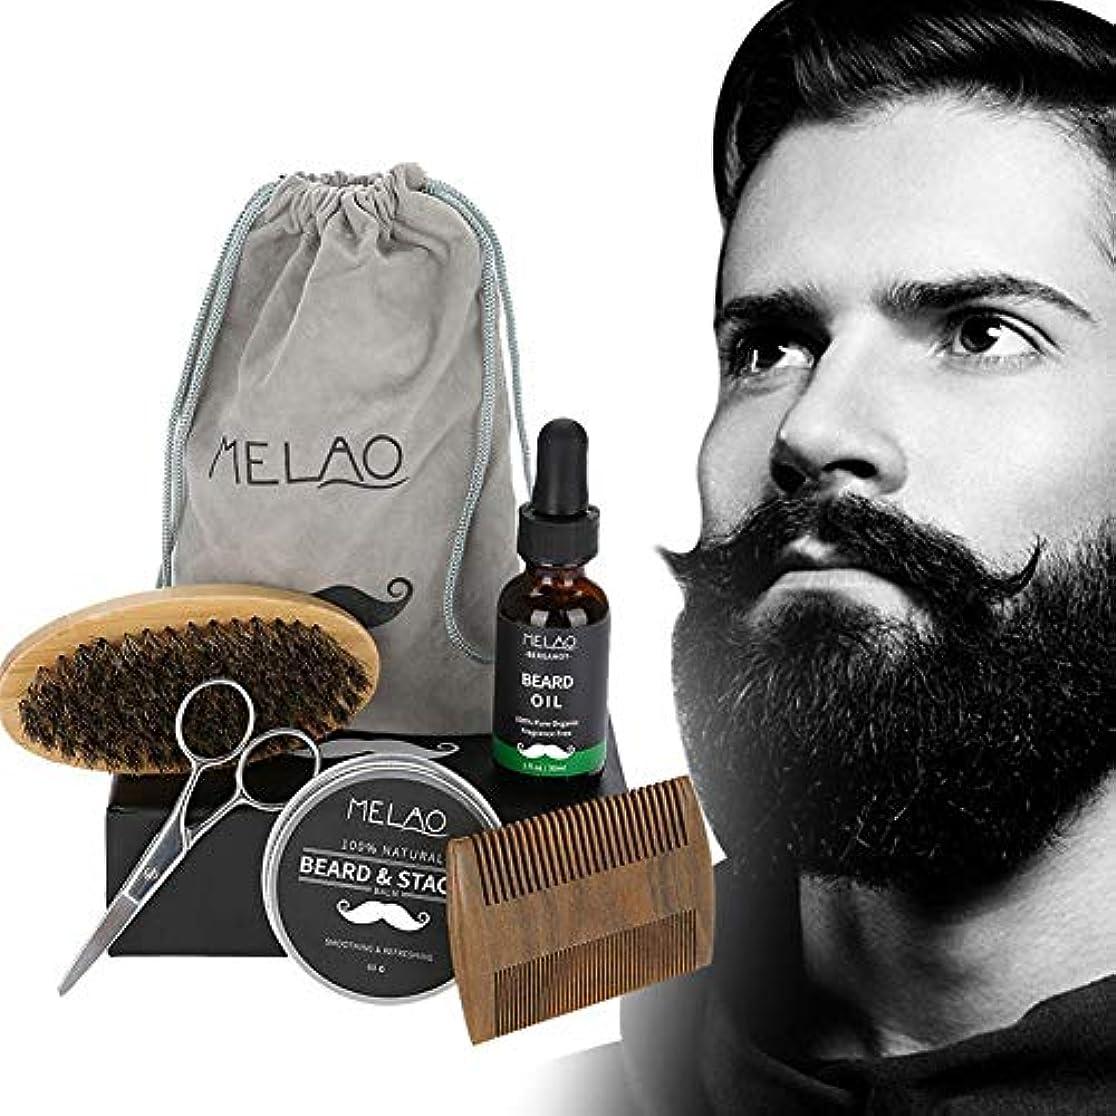 サミット社会主義手書きビアードケアセット、髭ケア必需品 メンズひげクリーム シェービングトリートメント 保湿/滋養/ 携帯便利 最高の贈り物